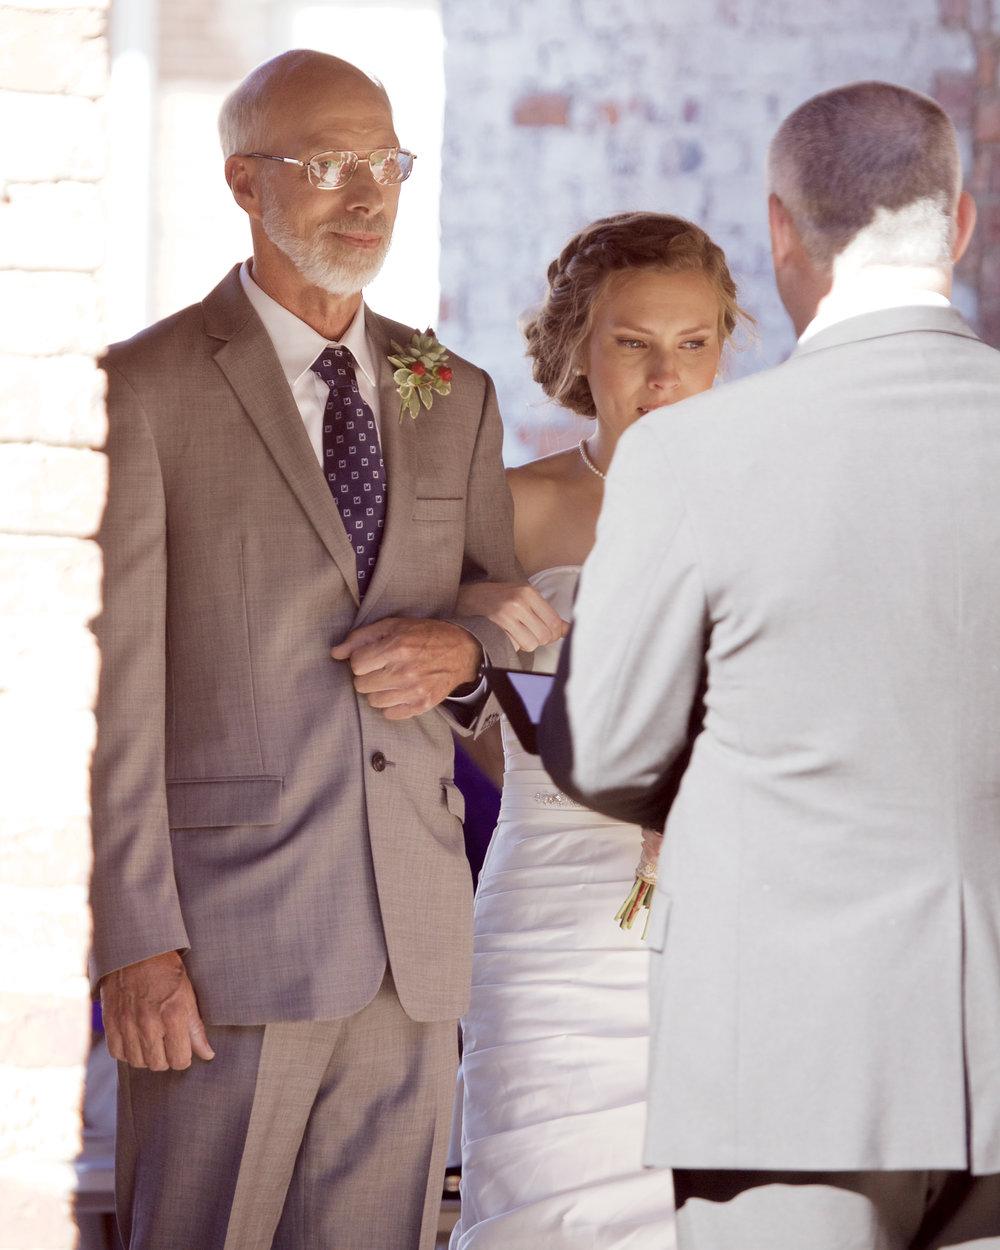 Wedding240.jpg